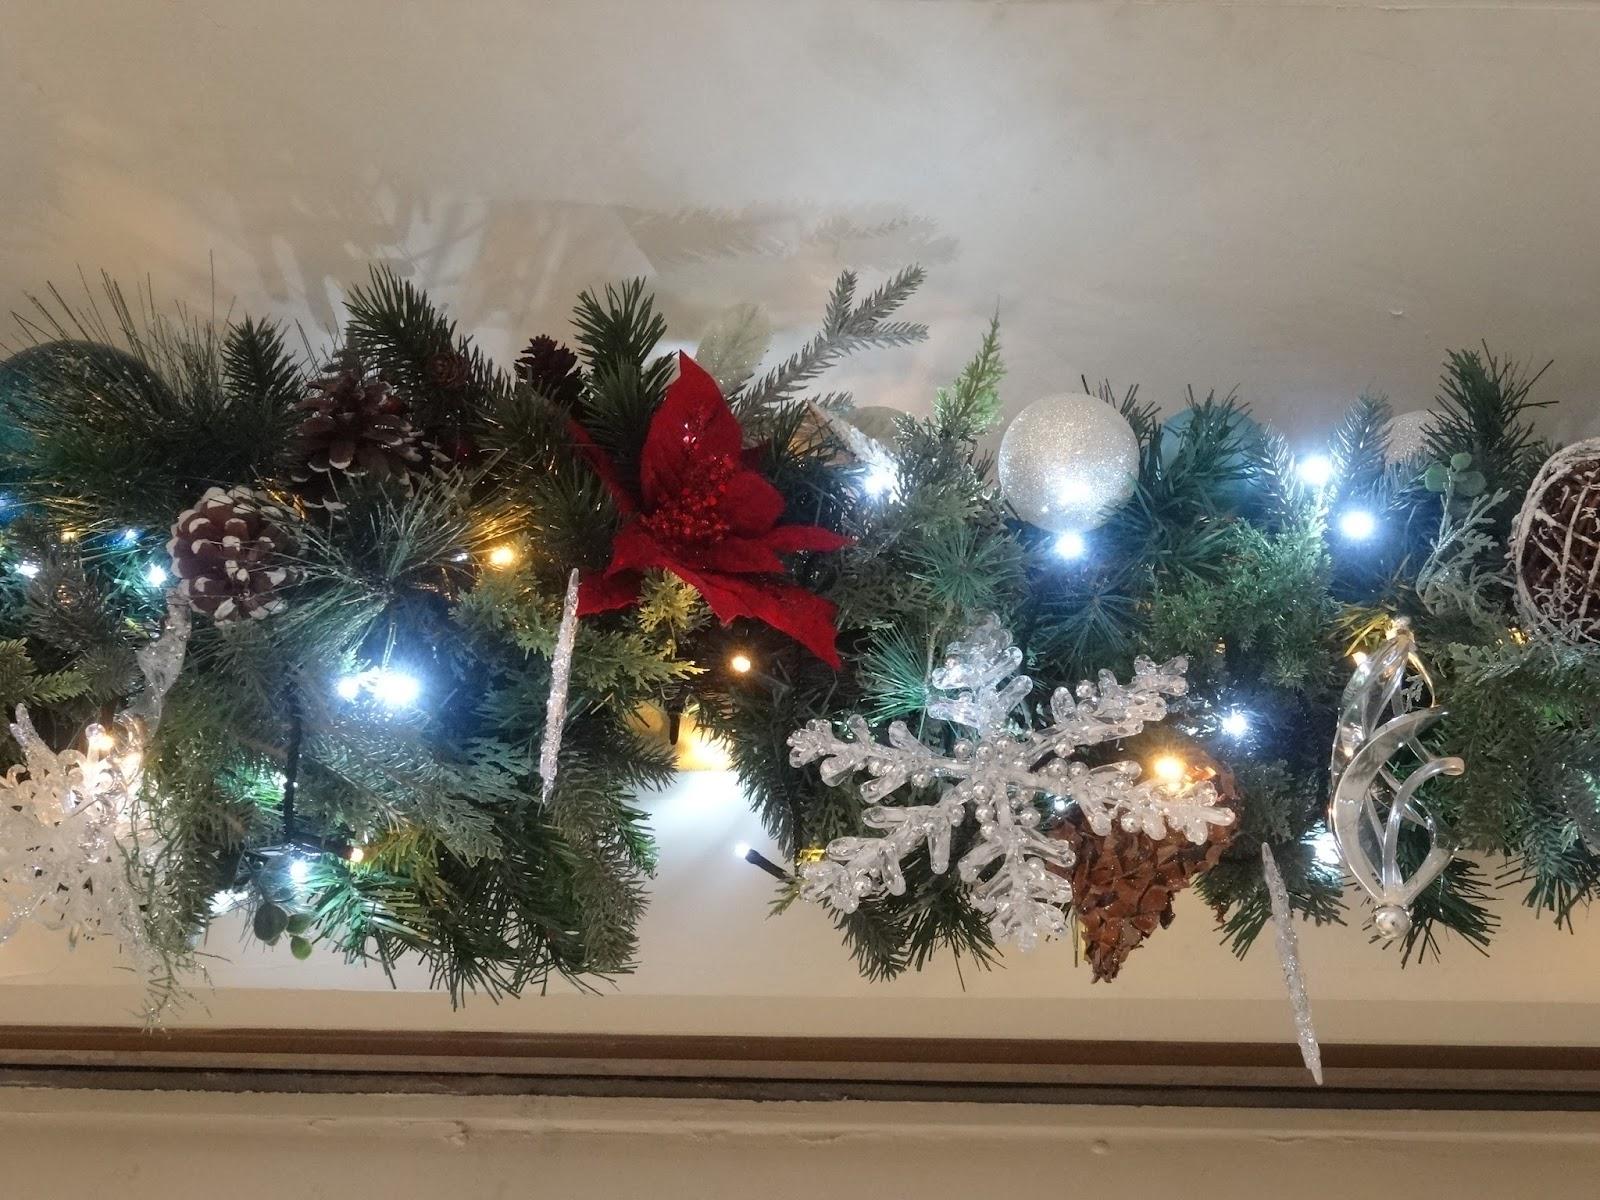 クリスマス装飾〈著作権フリー画像〉Free Stock Photos